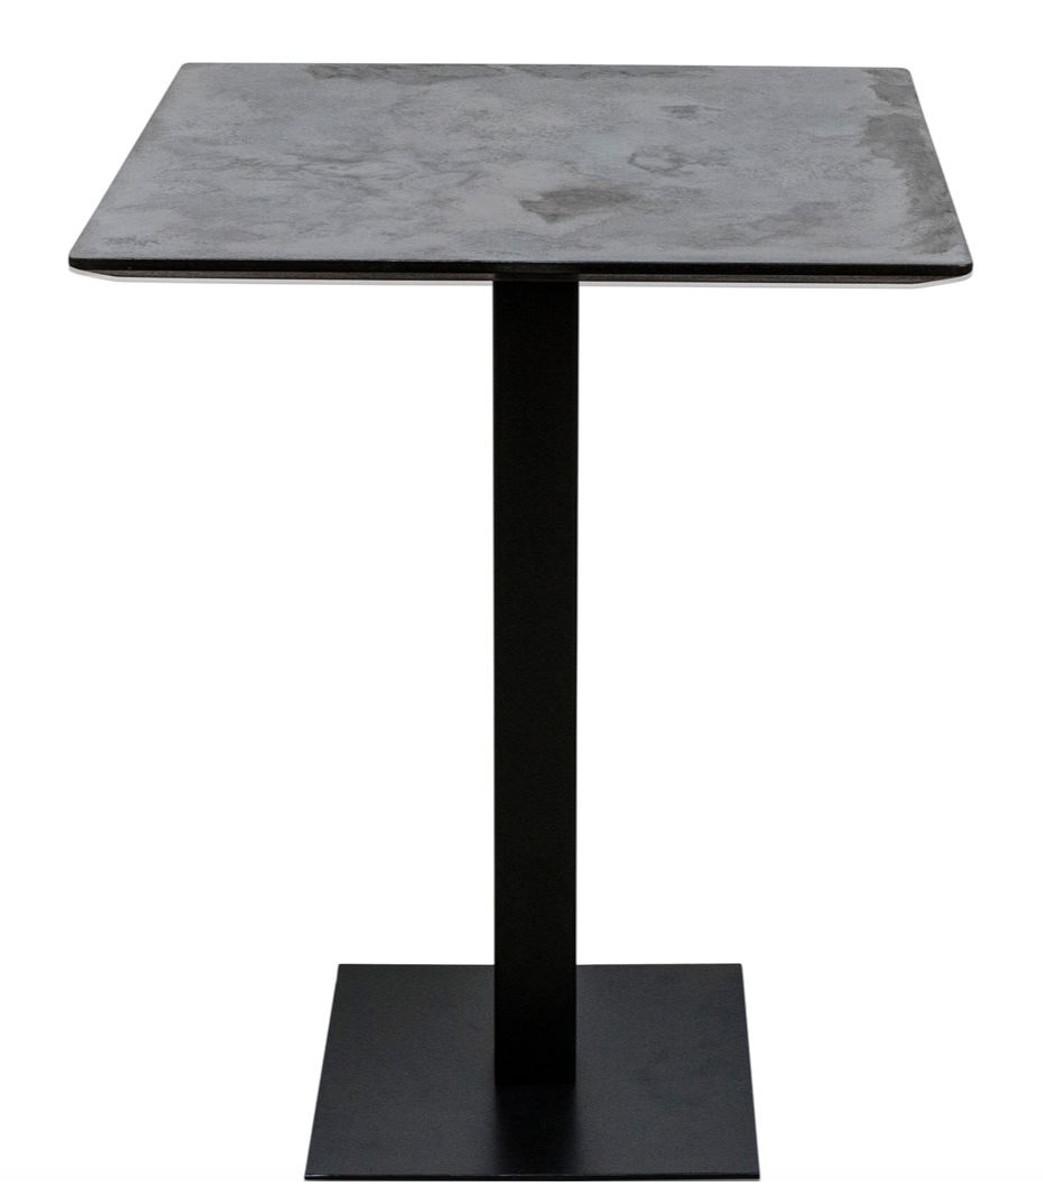 casa padrino luxus bartisch mit mineralbeschichteter tischplatte 70 x 70 x h 100 cm luxus. Black Bedroom Furniture Sets. Home Design Ideas